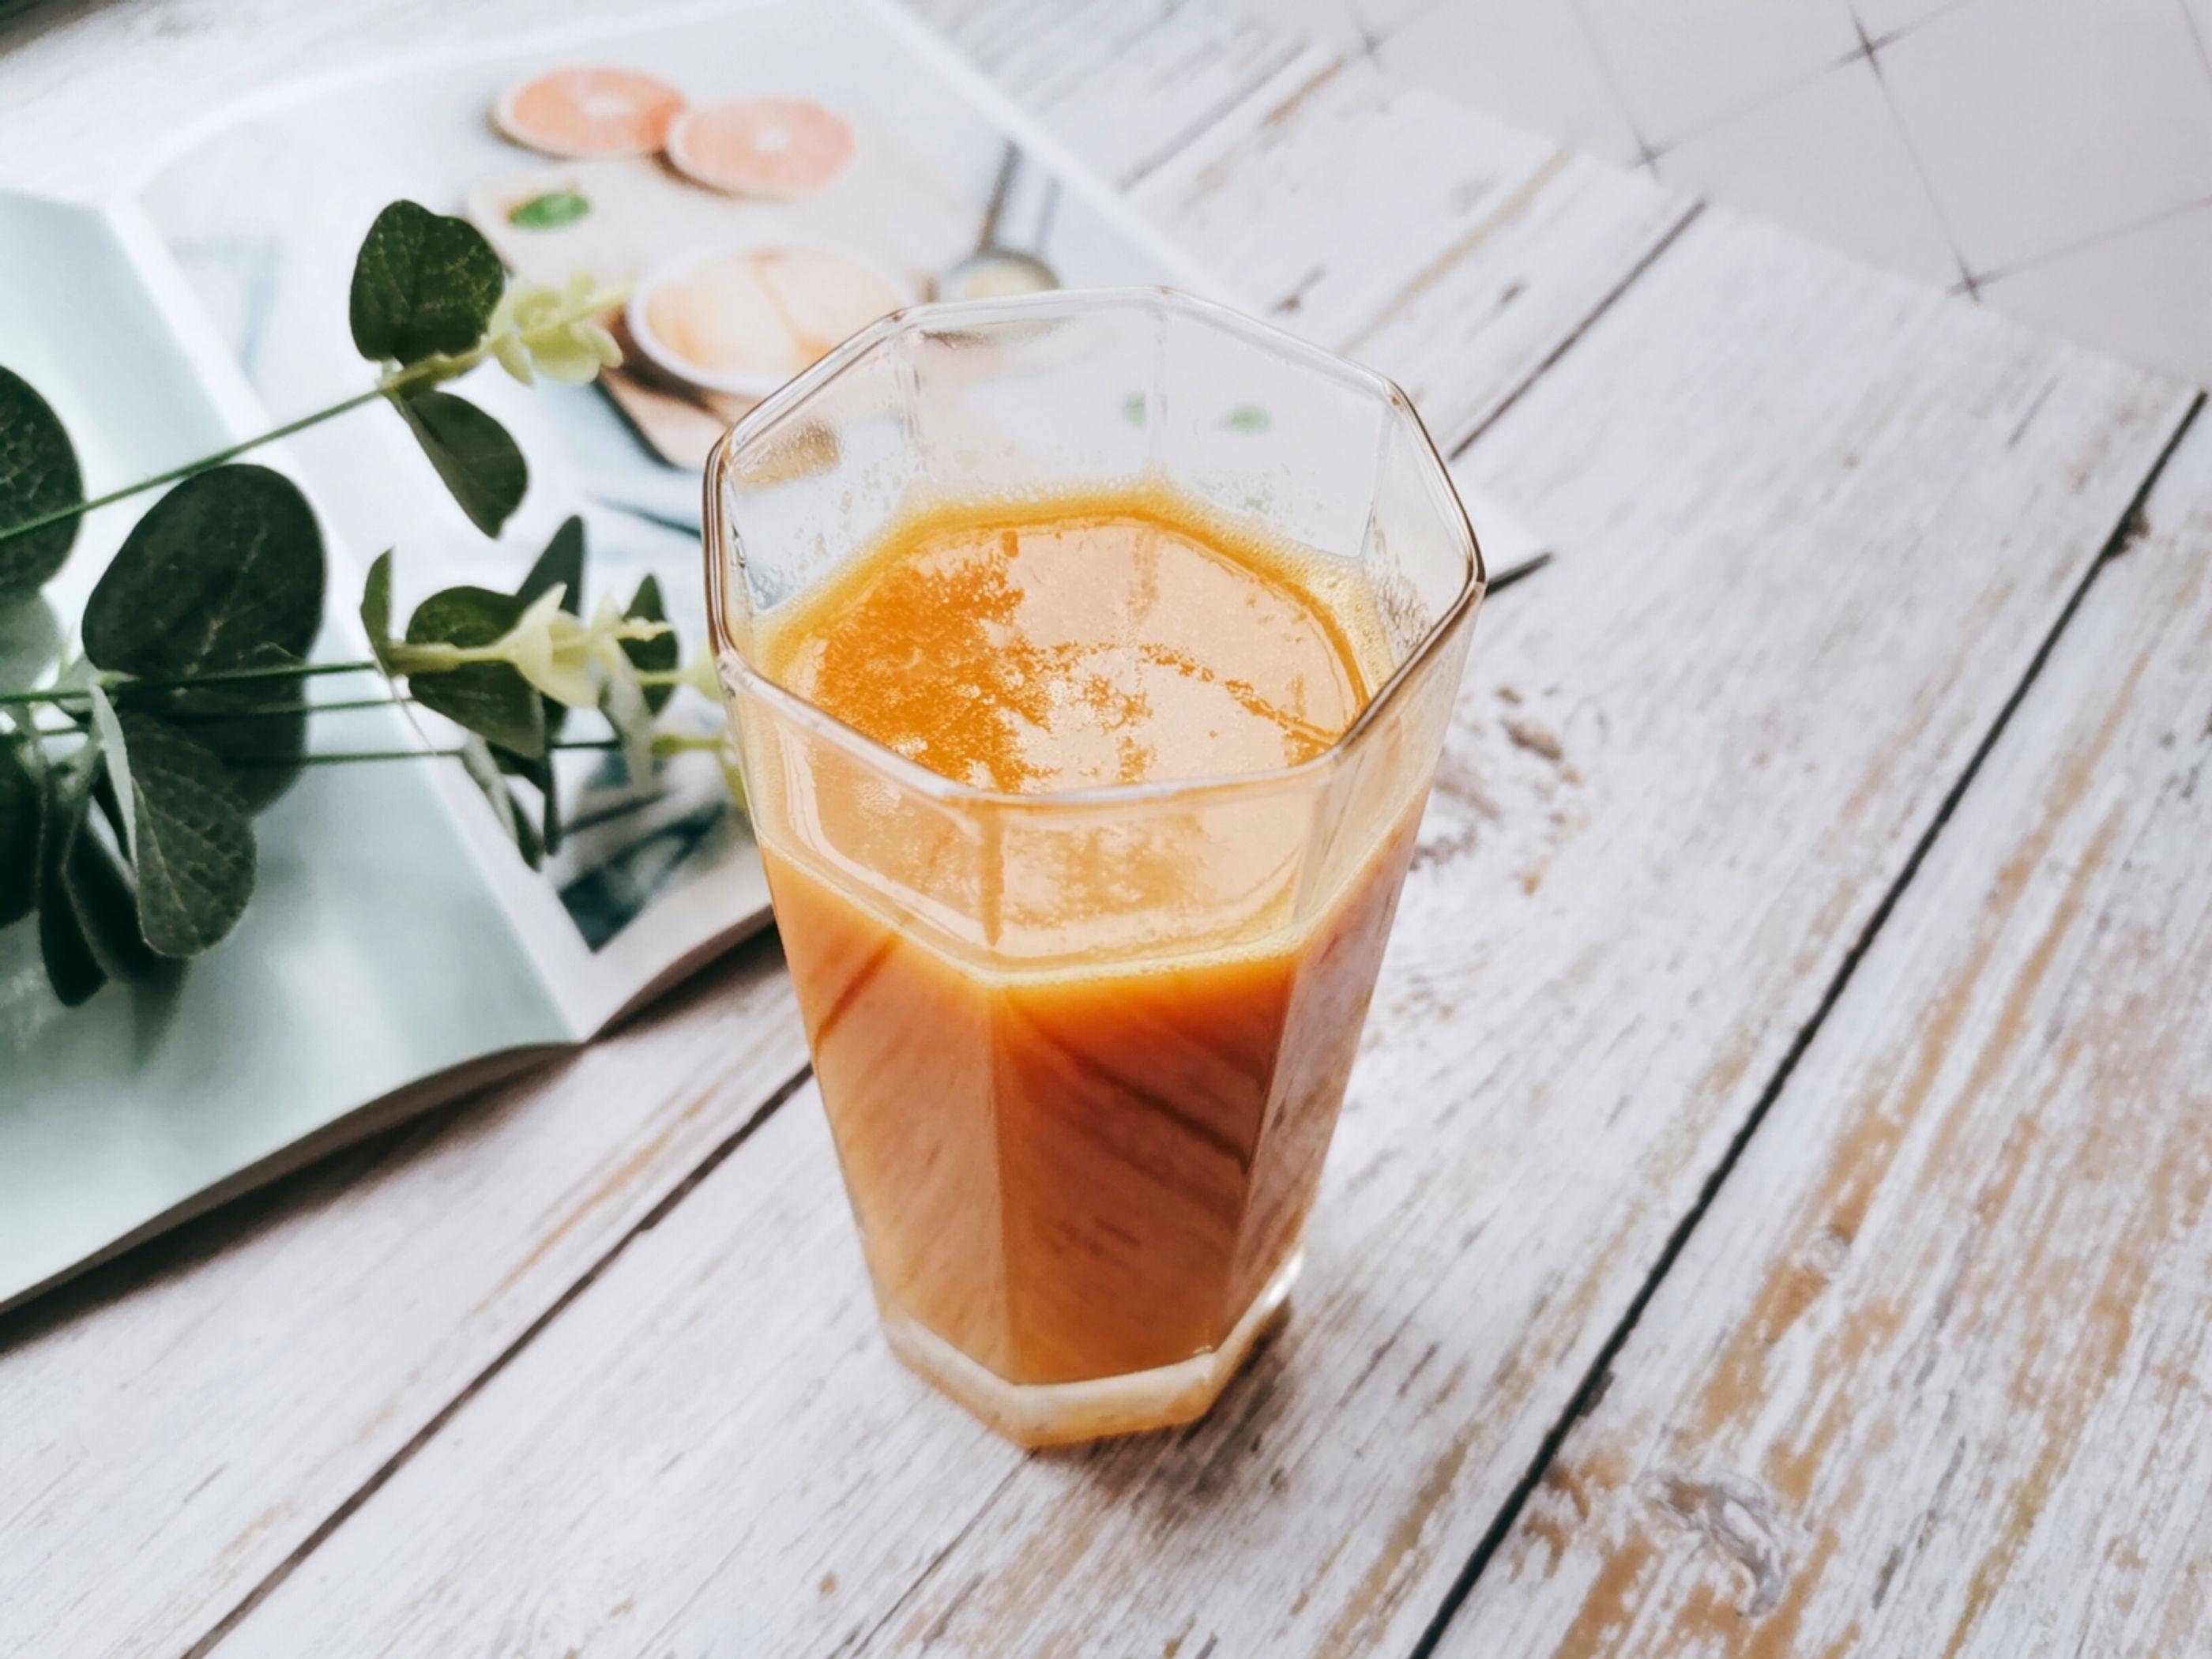 做法简单的好喝果汁,补充满满维生素成品图